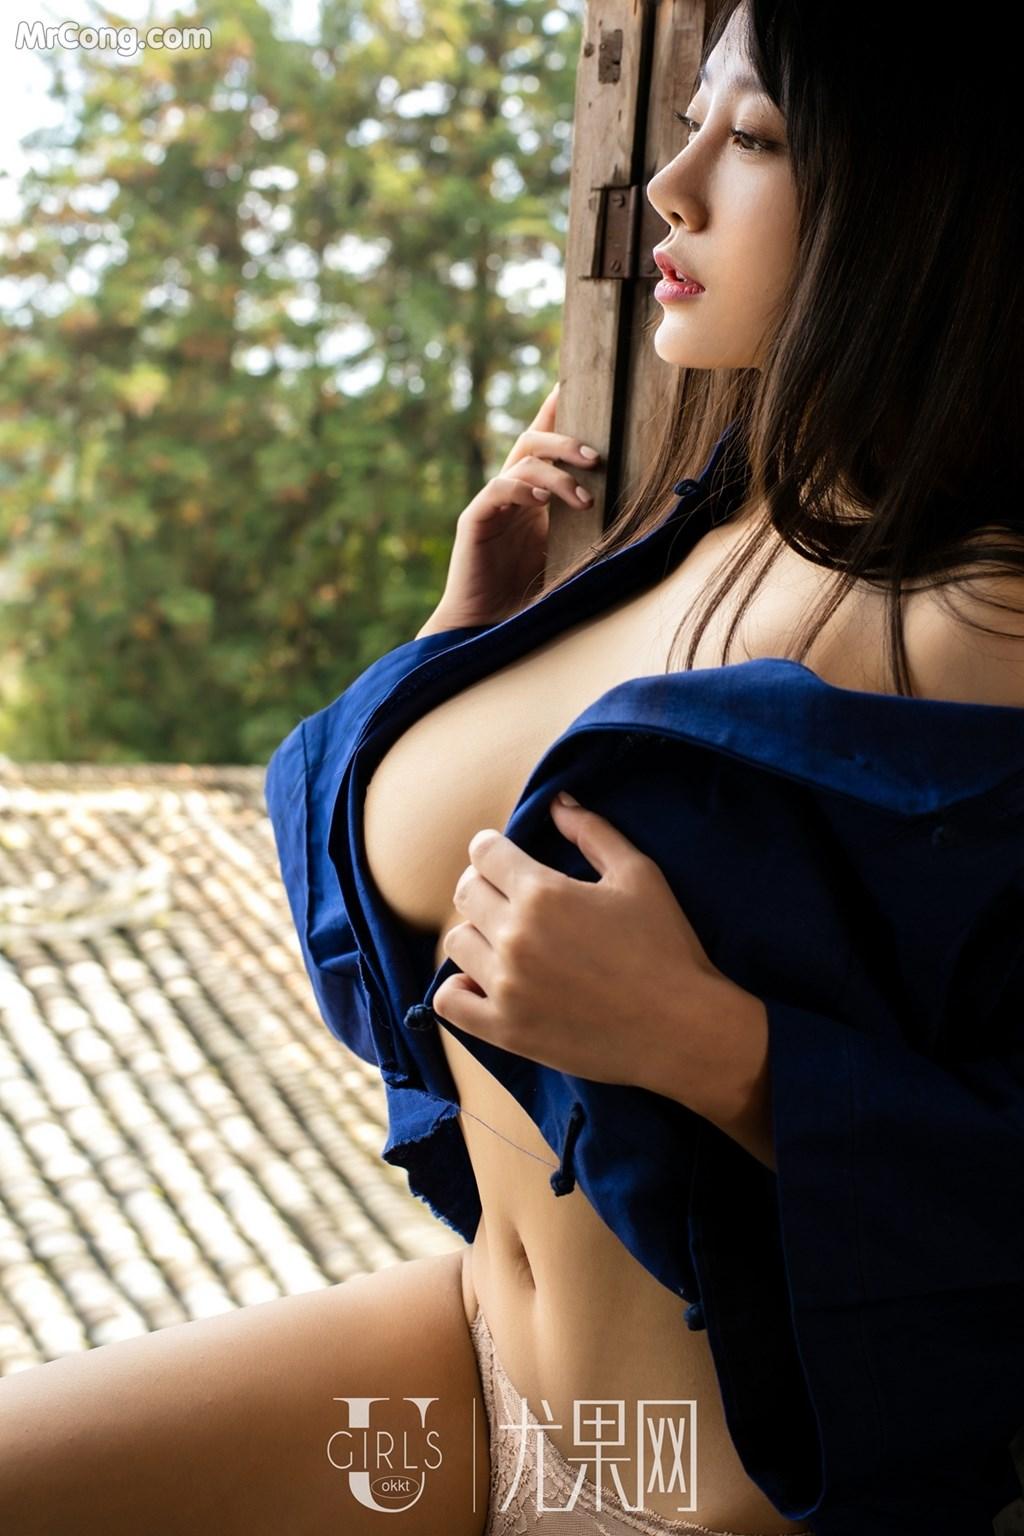 Image UGIRLS-U318-He-Jia-Ying-MrCong.com-021 in post UGIRLS U318: Người mẫu He Jia Ying (何嘉颖) (66 ảnh)